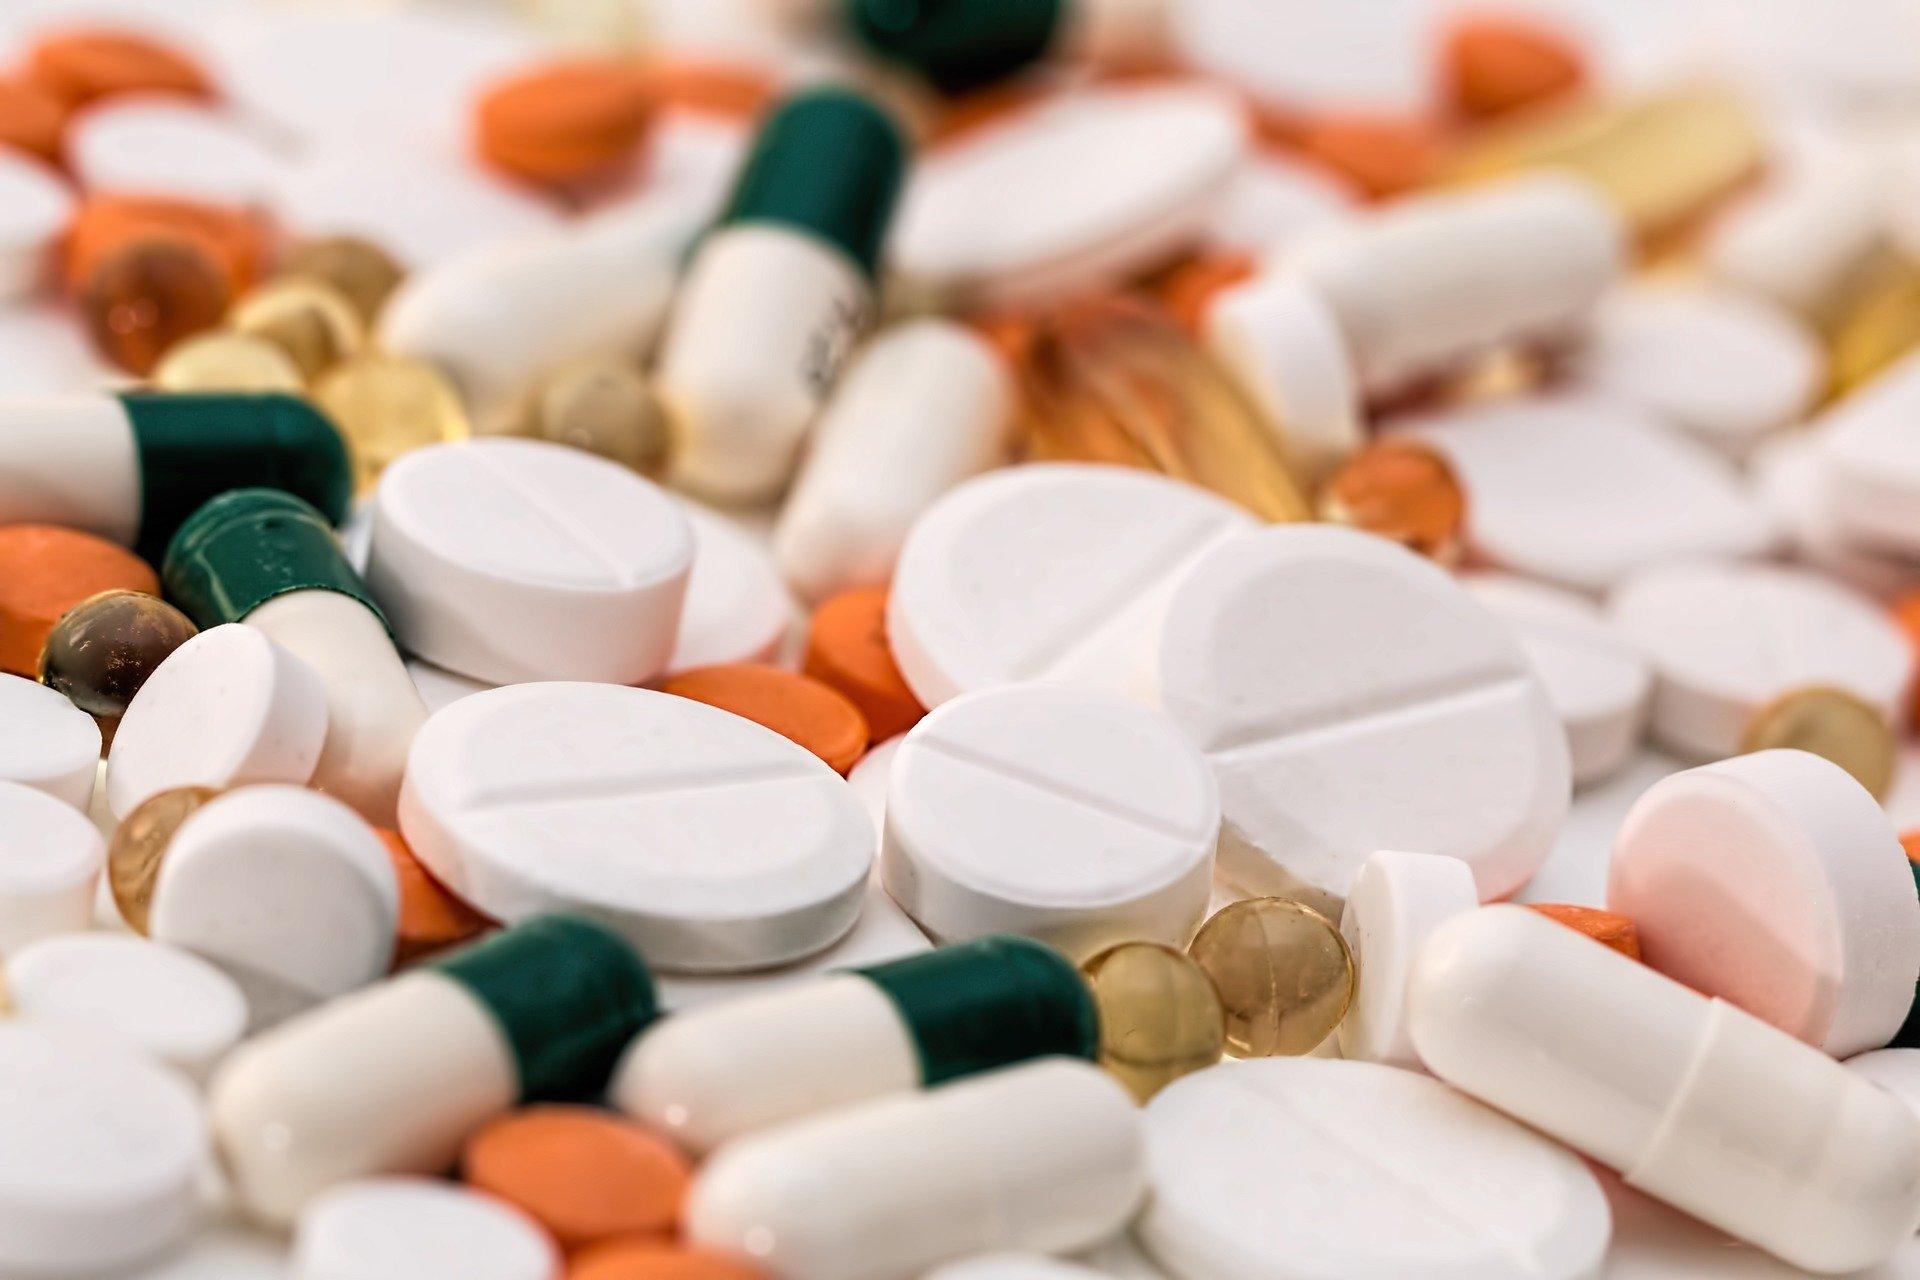 🌿 「薬とCBDオイル」について薬剤師さんにお話を聞かせてもらいました。